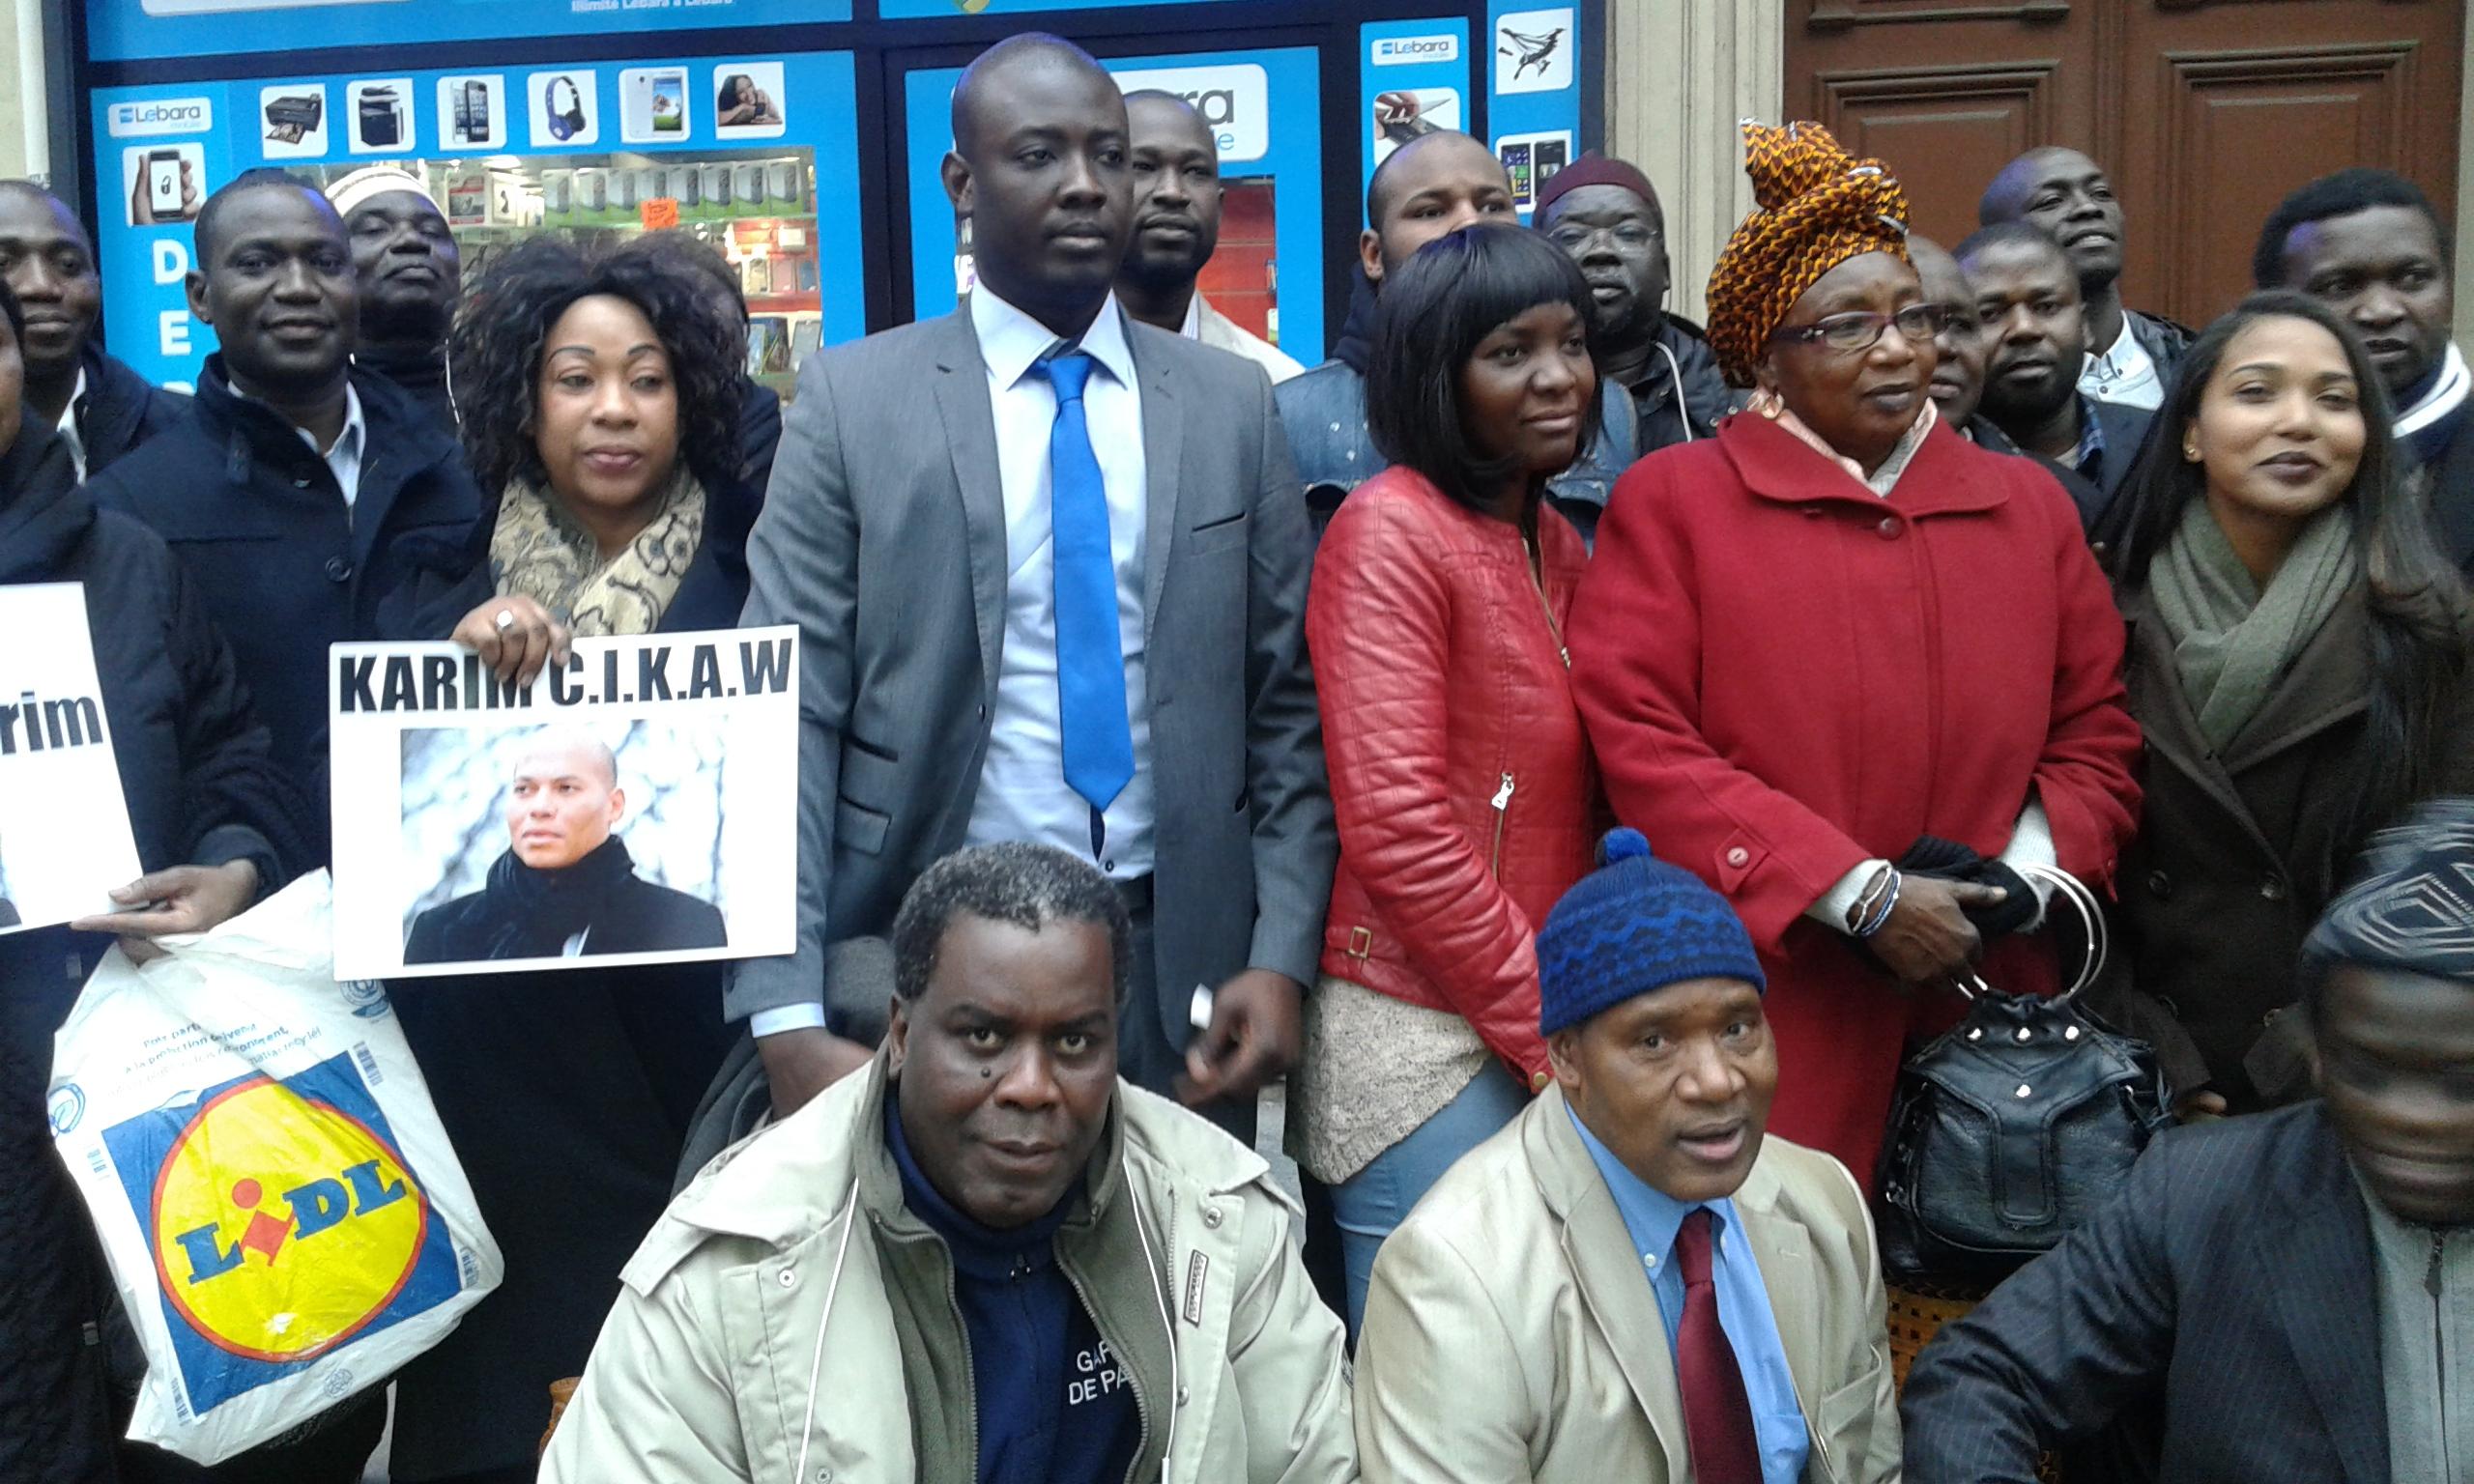 HCCT : le PDS France crie au scandale et dénonce l'achat de voix contre des moutons de Tabaski